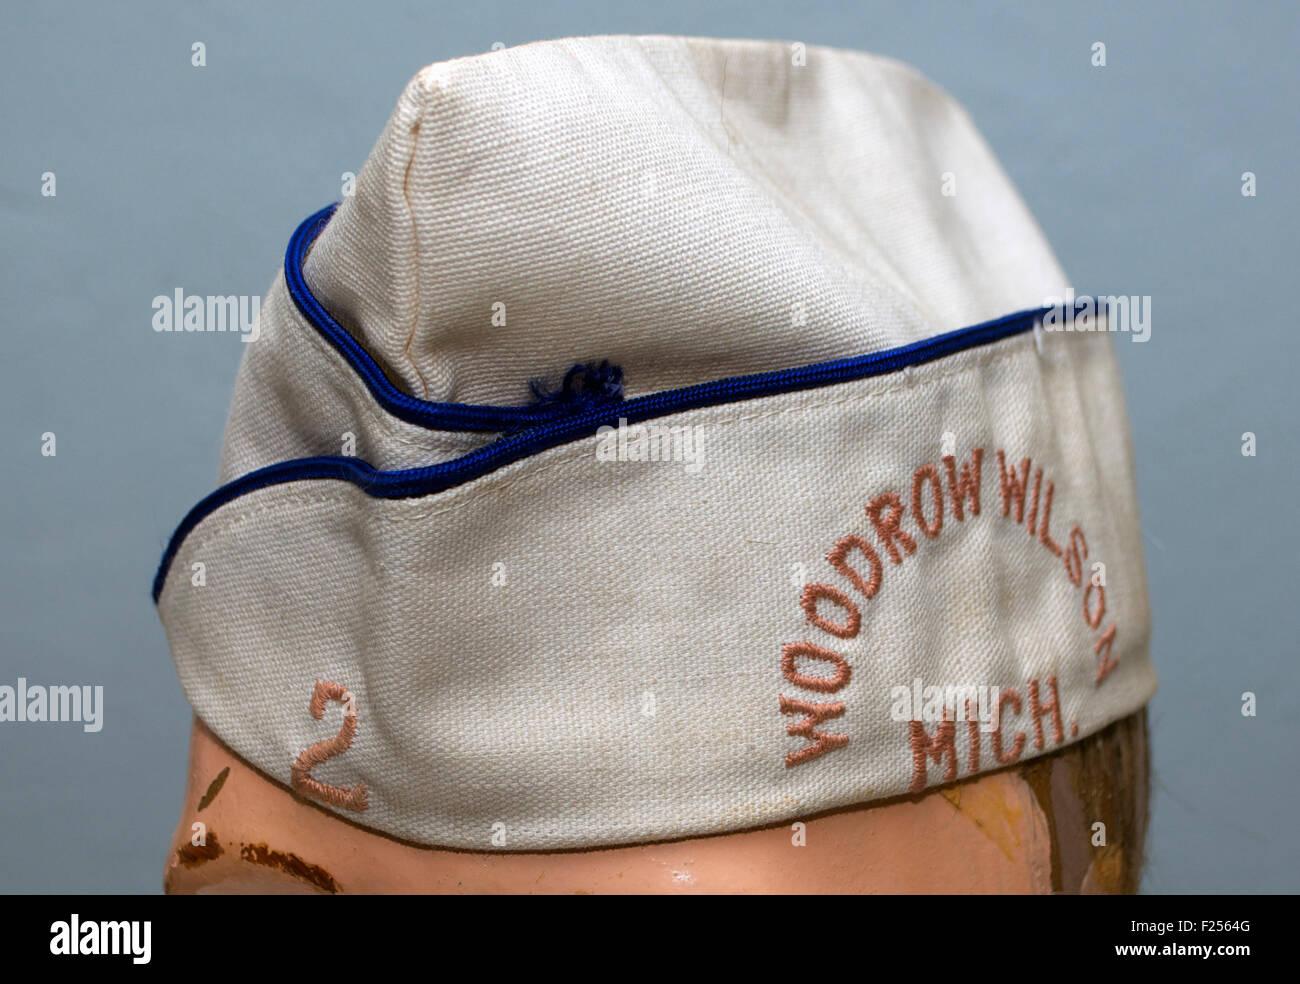 La PREMIÈRE GUERRE MONDIALE, P.L.A.V. Les anciens combattants américains de la Légion polonaise Photo Stock